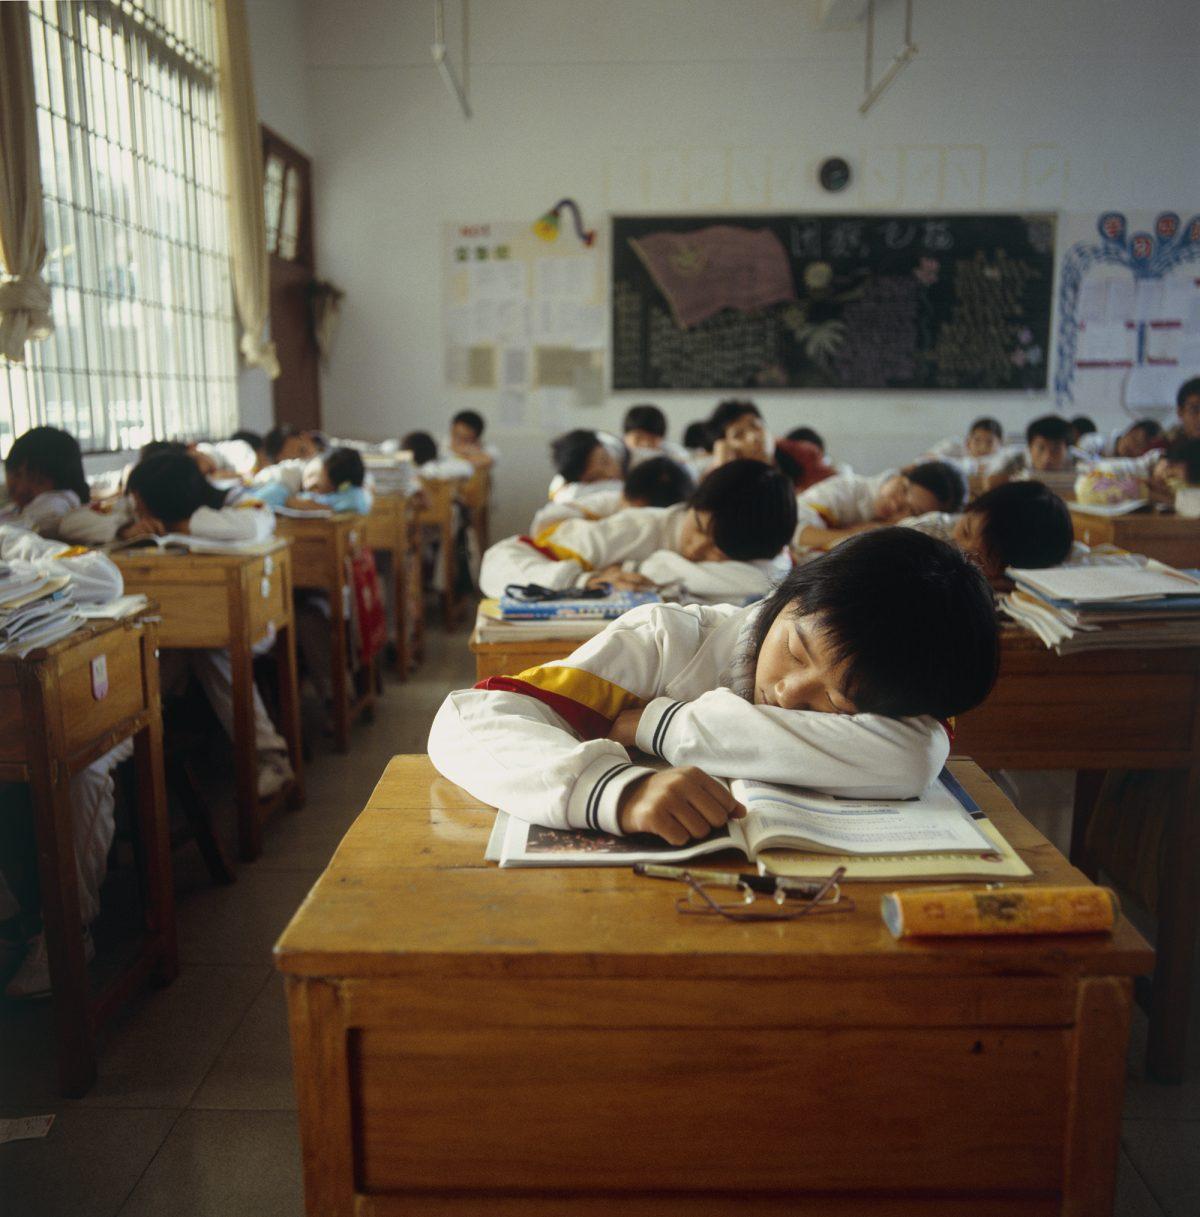 """Image extraite de la série """"China Dreaming"""" / © Olivia Martin McGuire"""